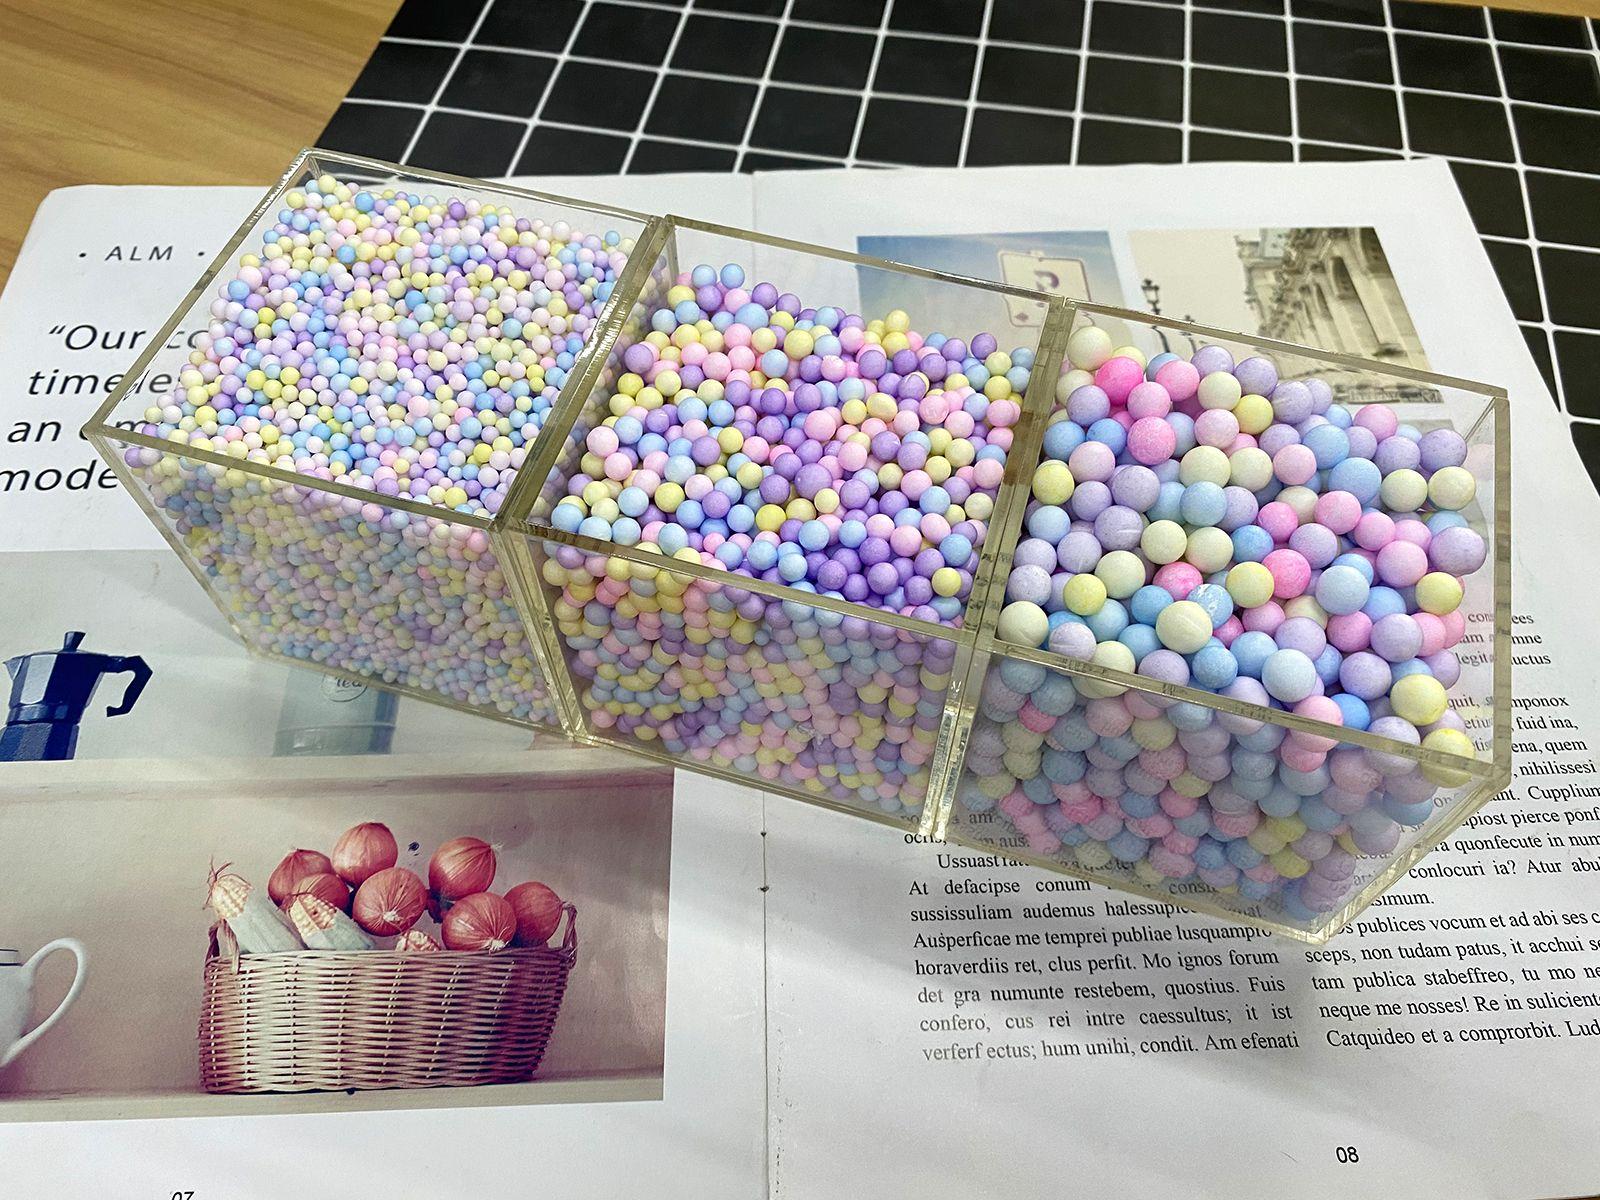 马卡龙泡沫球保丽龙玻璃瓶装饰手工材料